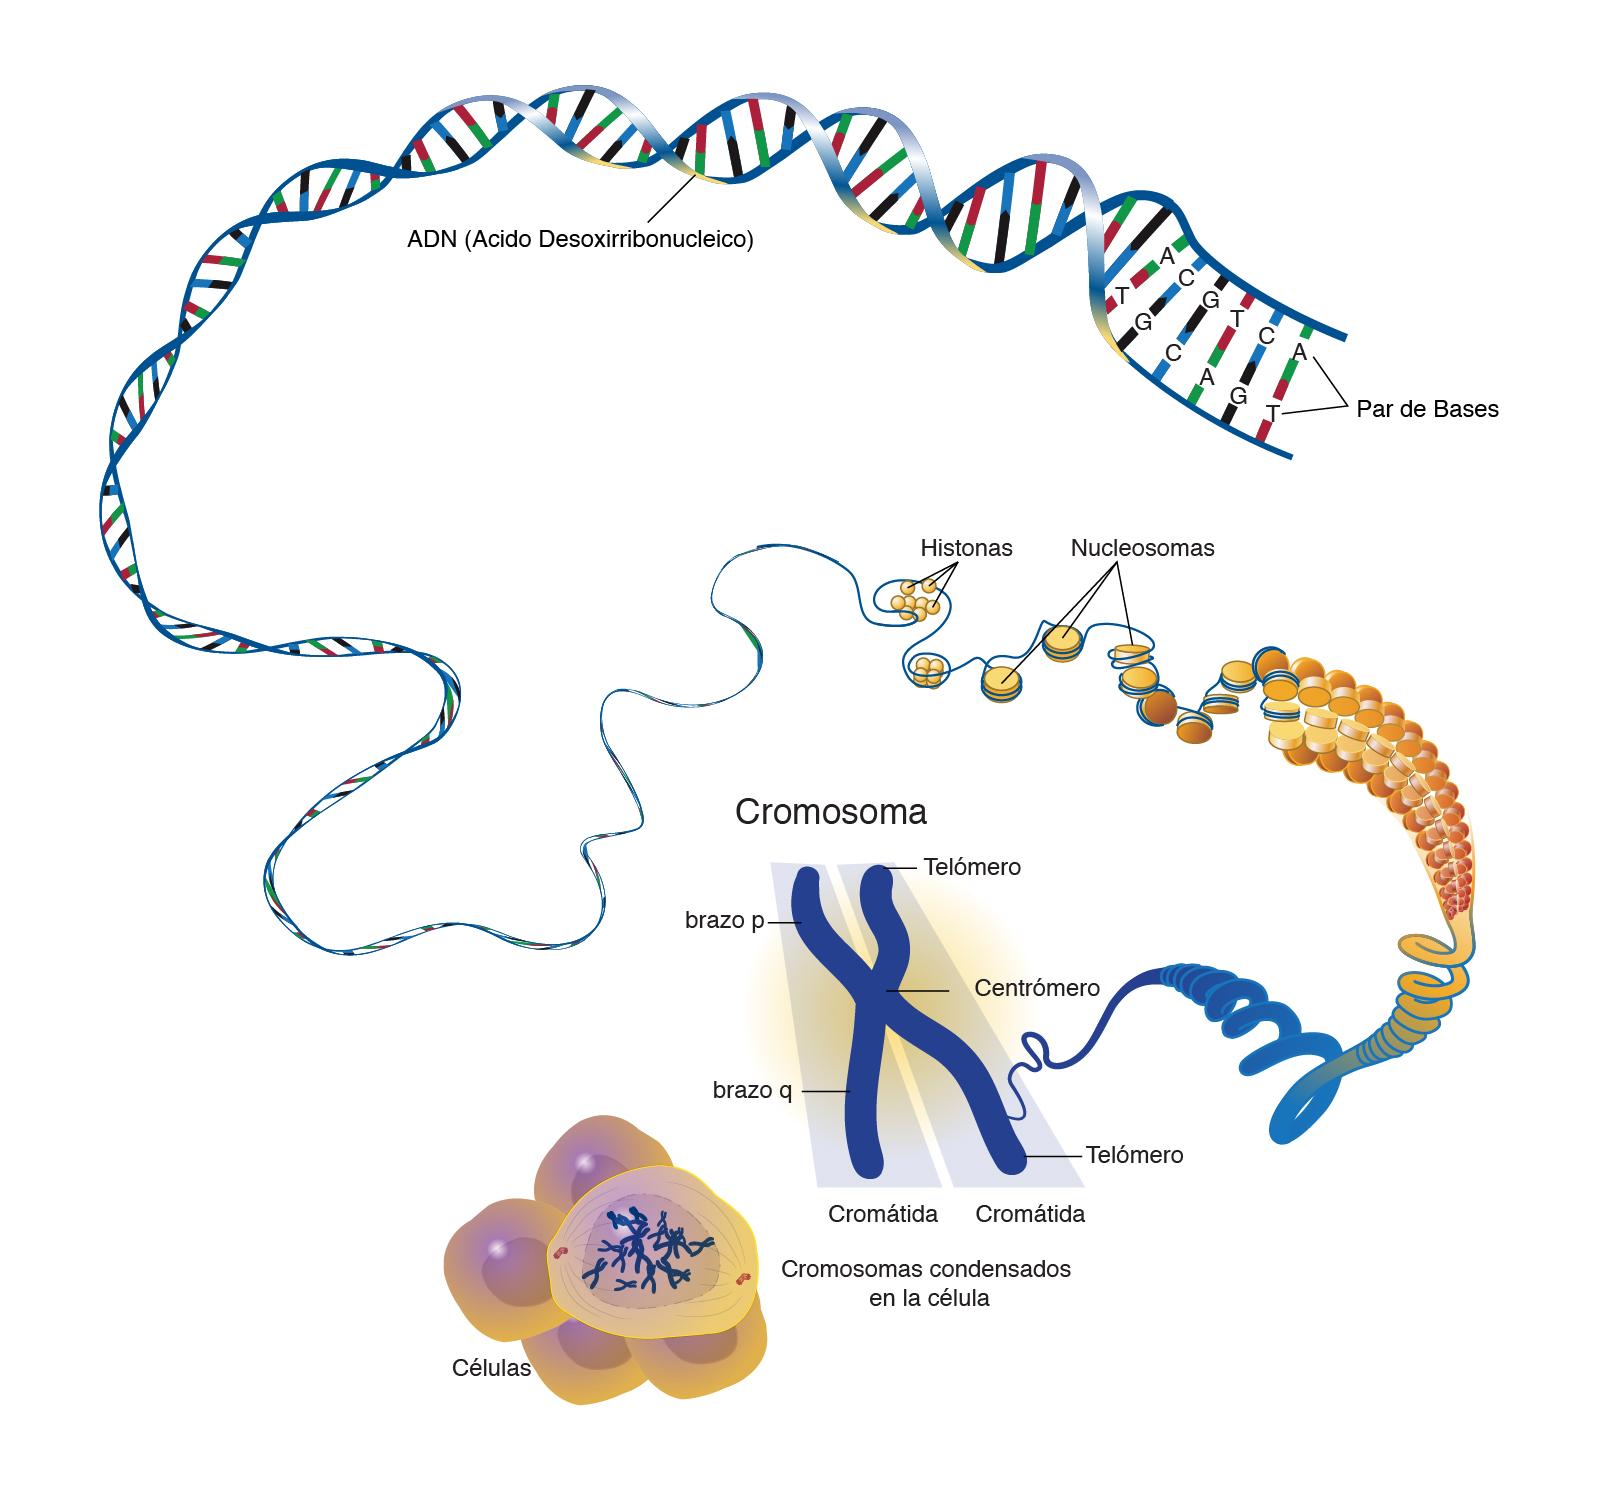 Cromosoma Nhgri